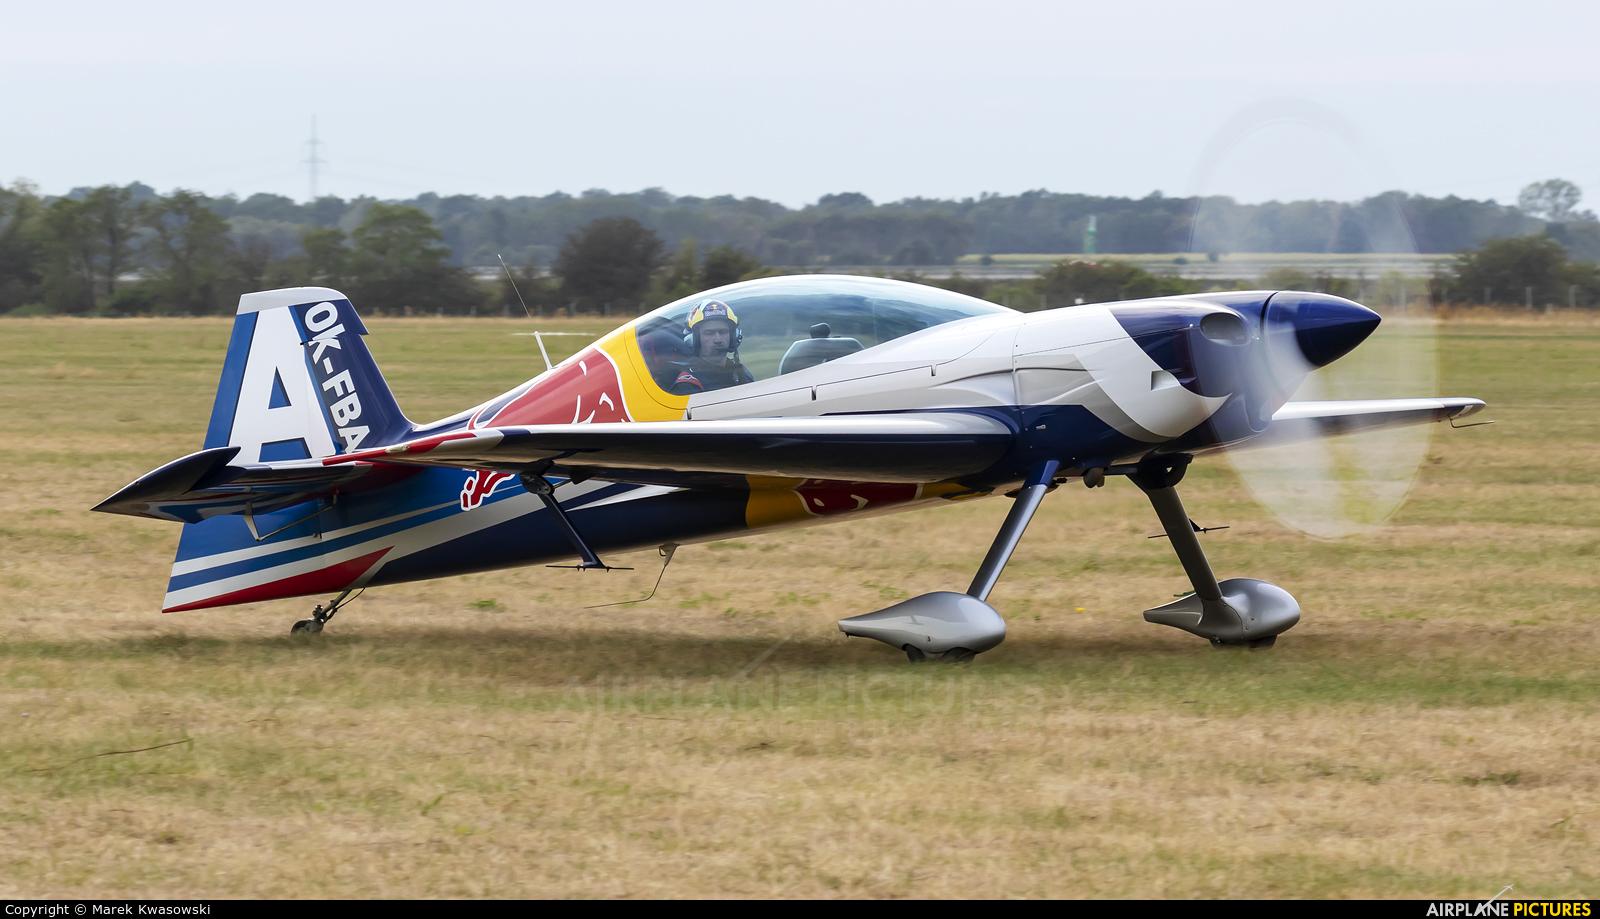 The Flying Bulls : Aerobatics Team OK-FBA aircraft at Leszno - Strzyżewice